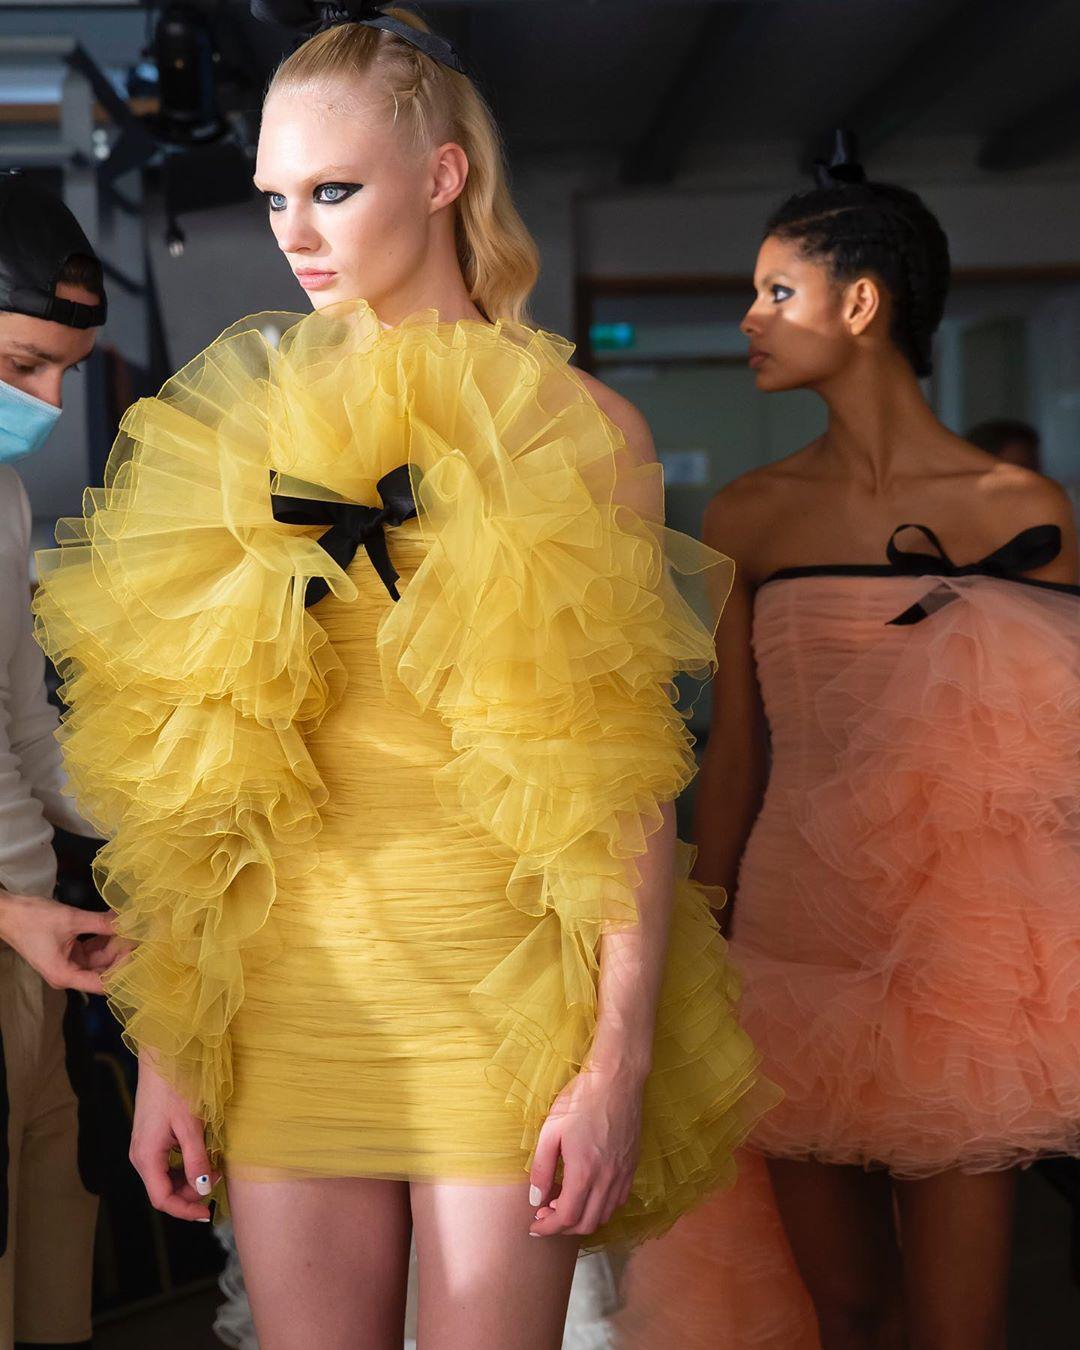 giambattista valli estilo 2020 - 2021:tules de colores pastel y transparencias para el día 3